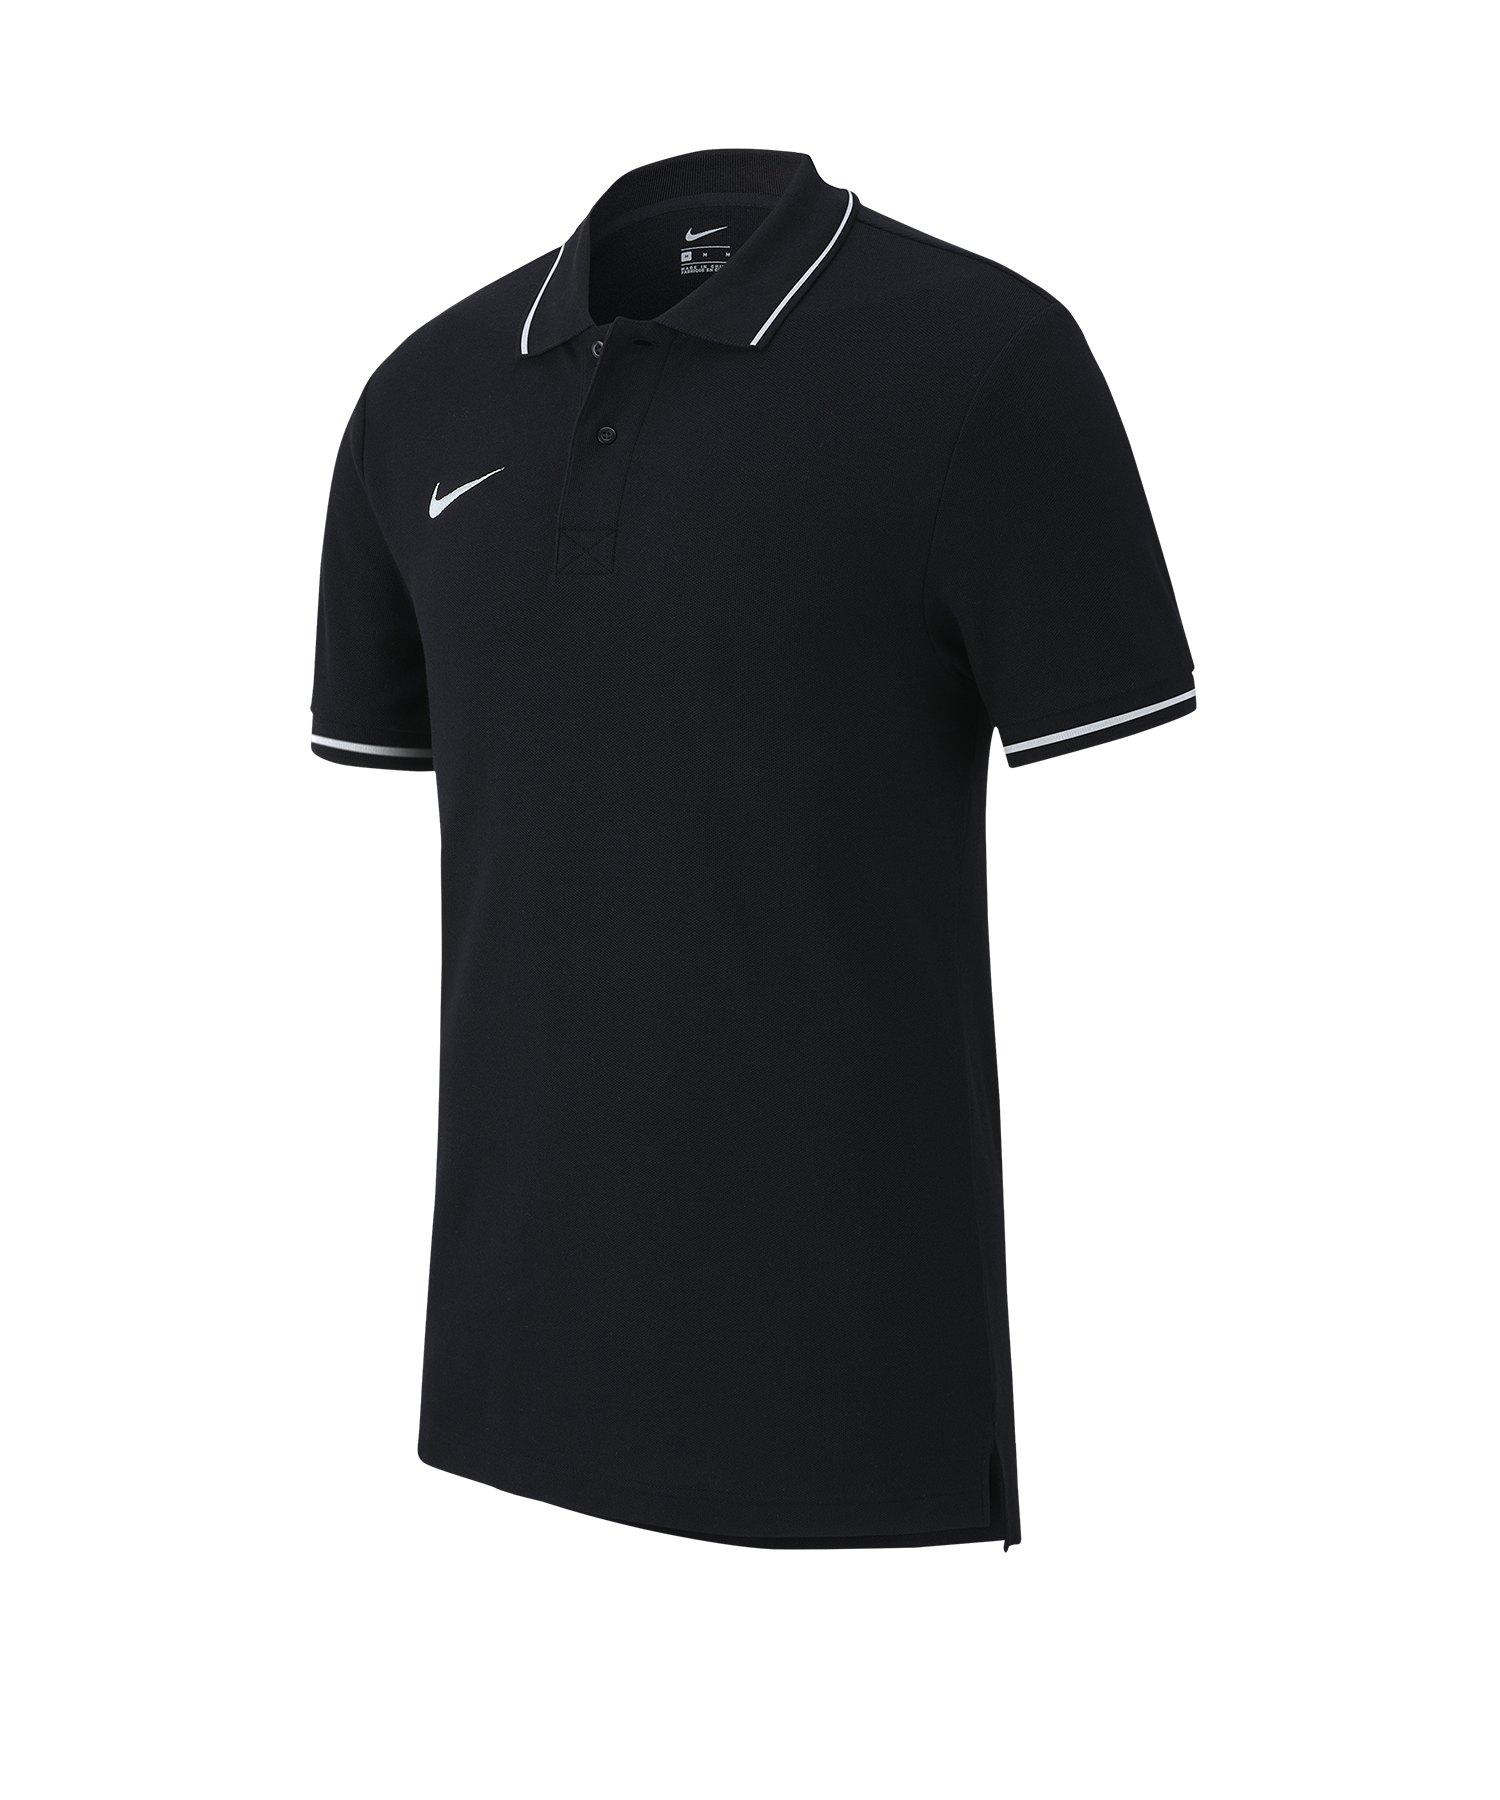 Nike Club 19 Poloshirt Schwarz Weiss F010 - schwarz